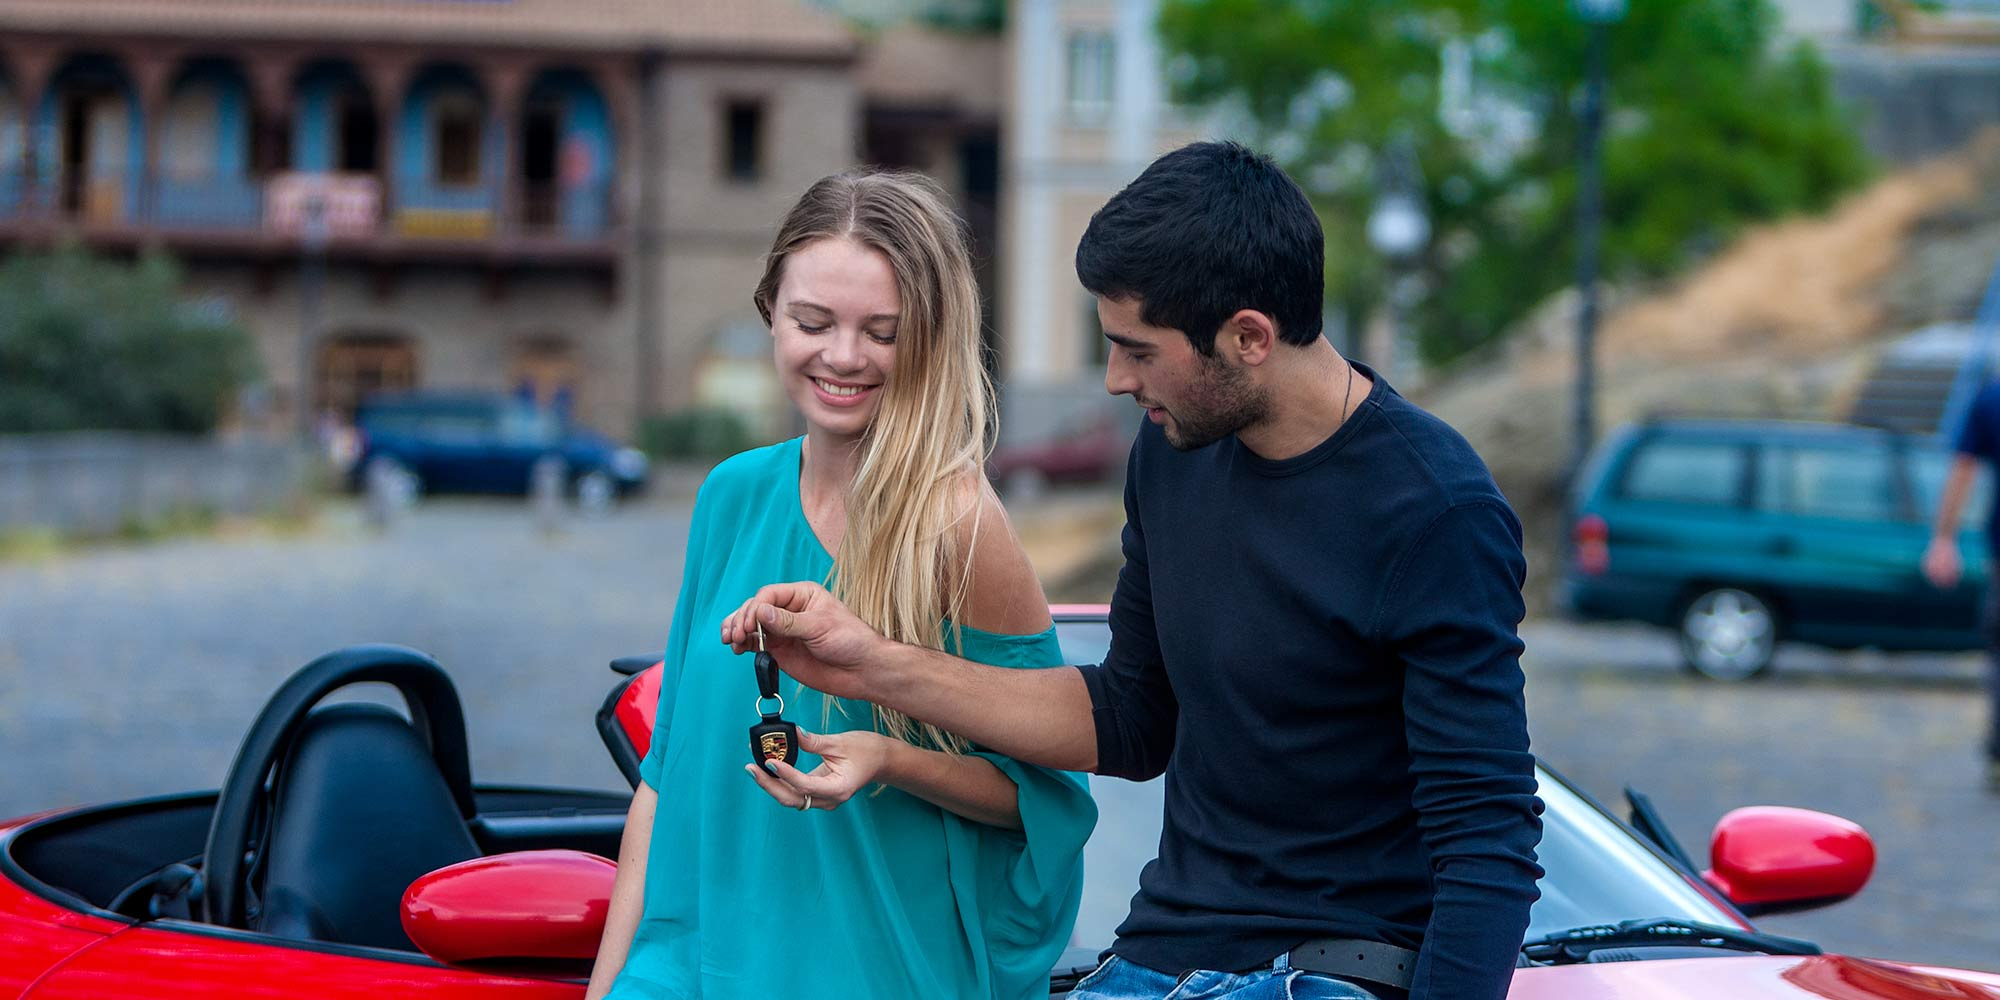 Naniko Georgia Rent A Car Tbilisi Car Rental In Tbilisi: Rent A Car Kiev, Odessa: Car Rental Kiev, Tbilisi, Kutaisi